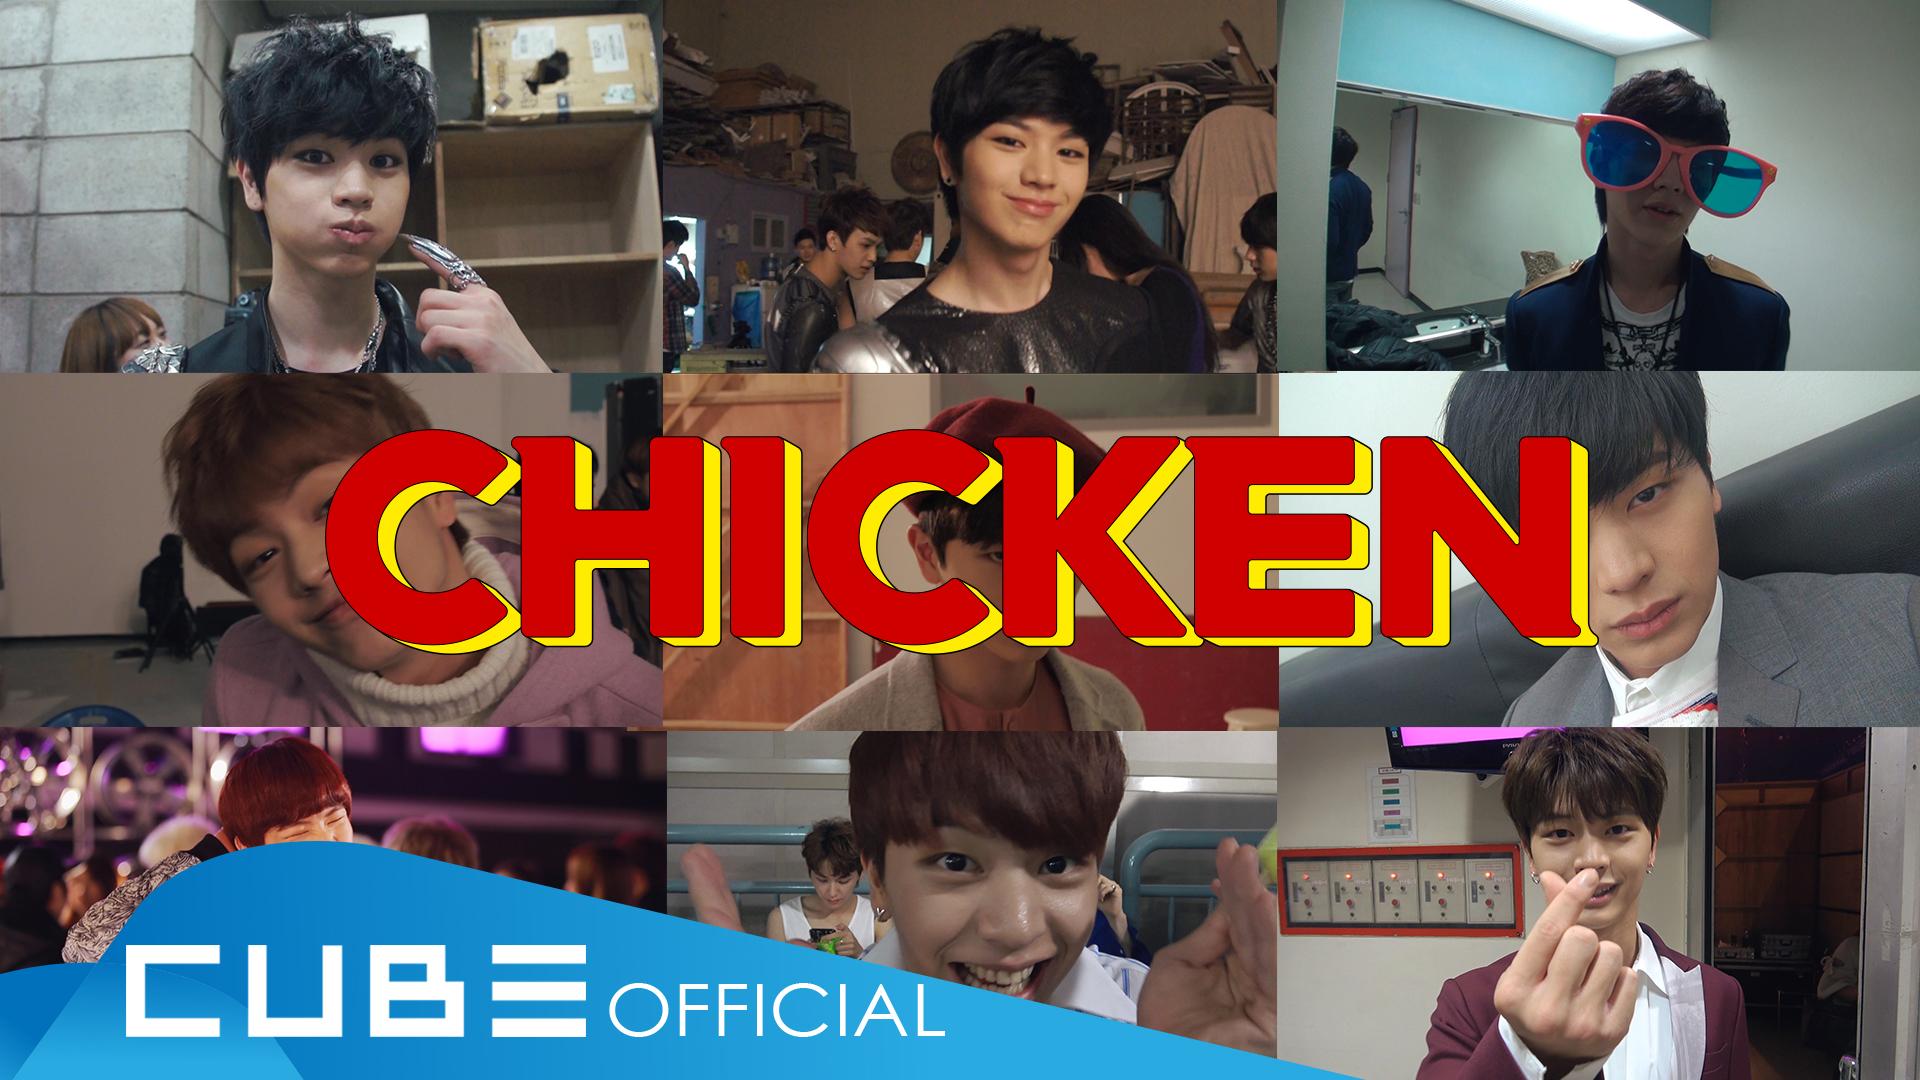 육성재 (YOOK SUNGJAE) - 'CHICKEN'이 되고 싶은 6성재의 성장기